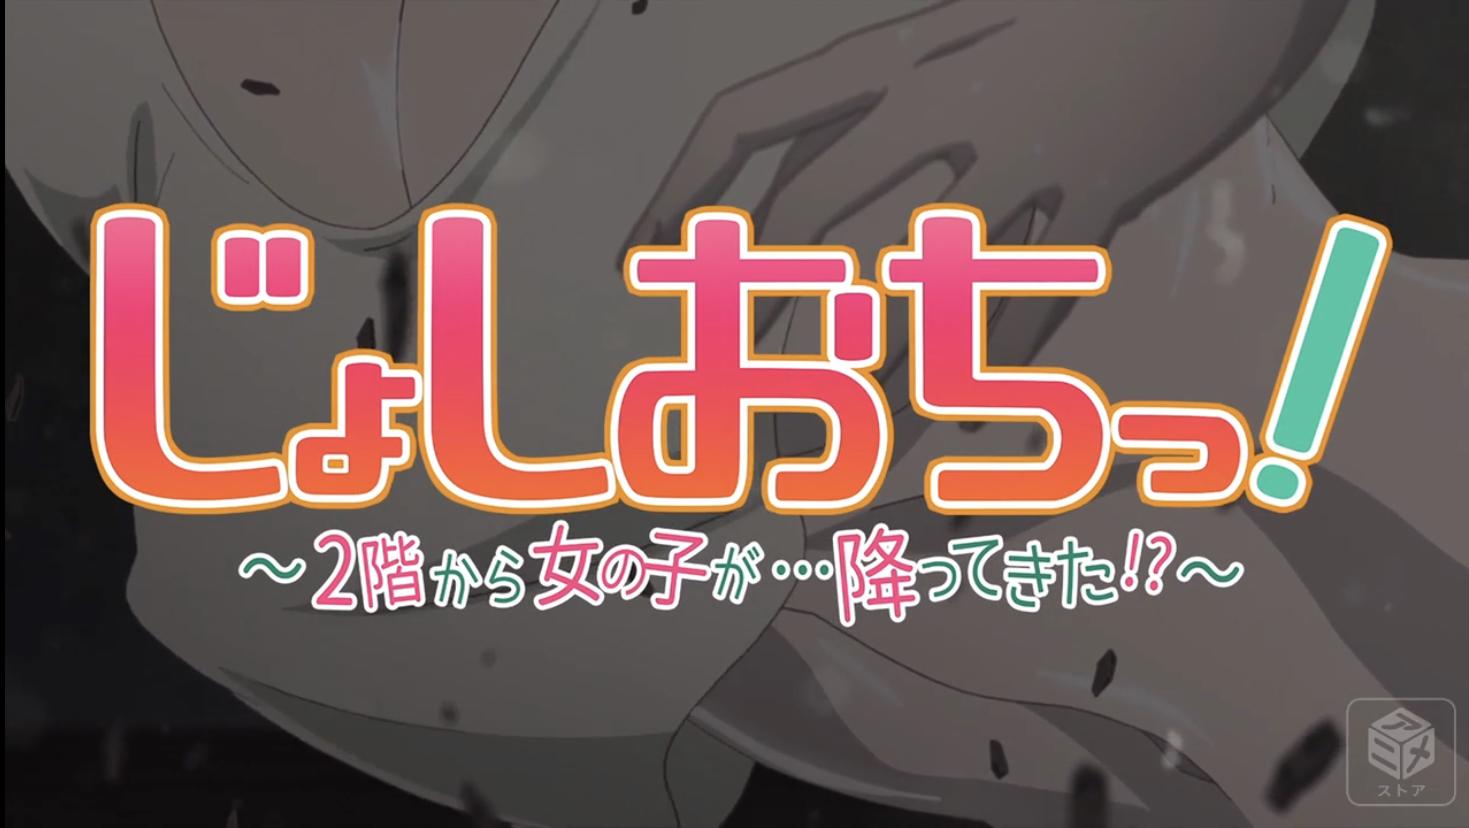 (C) 鳩こんろ/Suiseisha Inc.